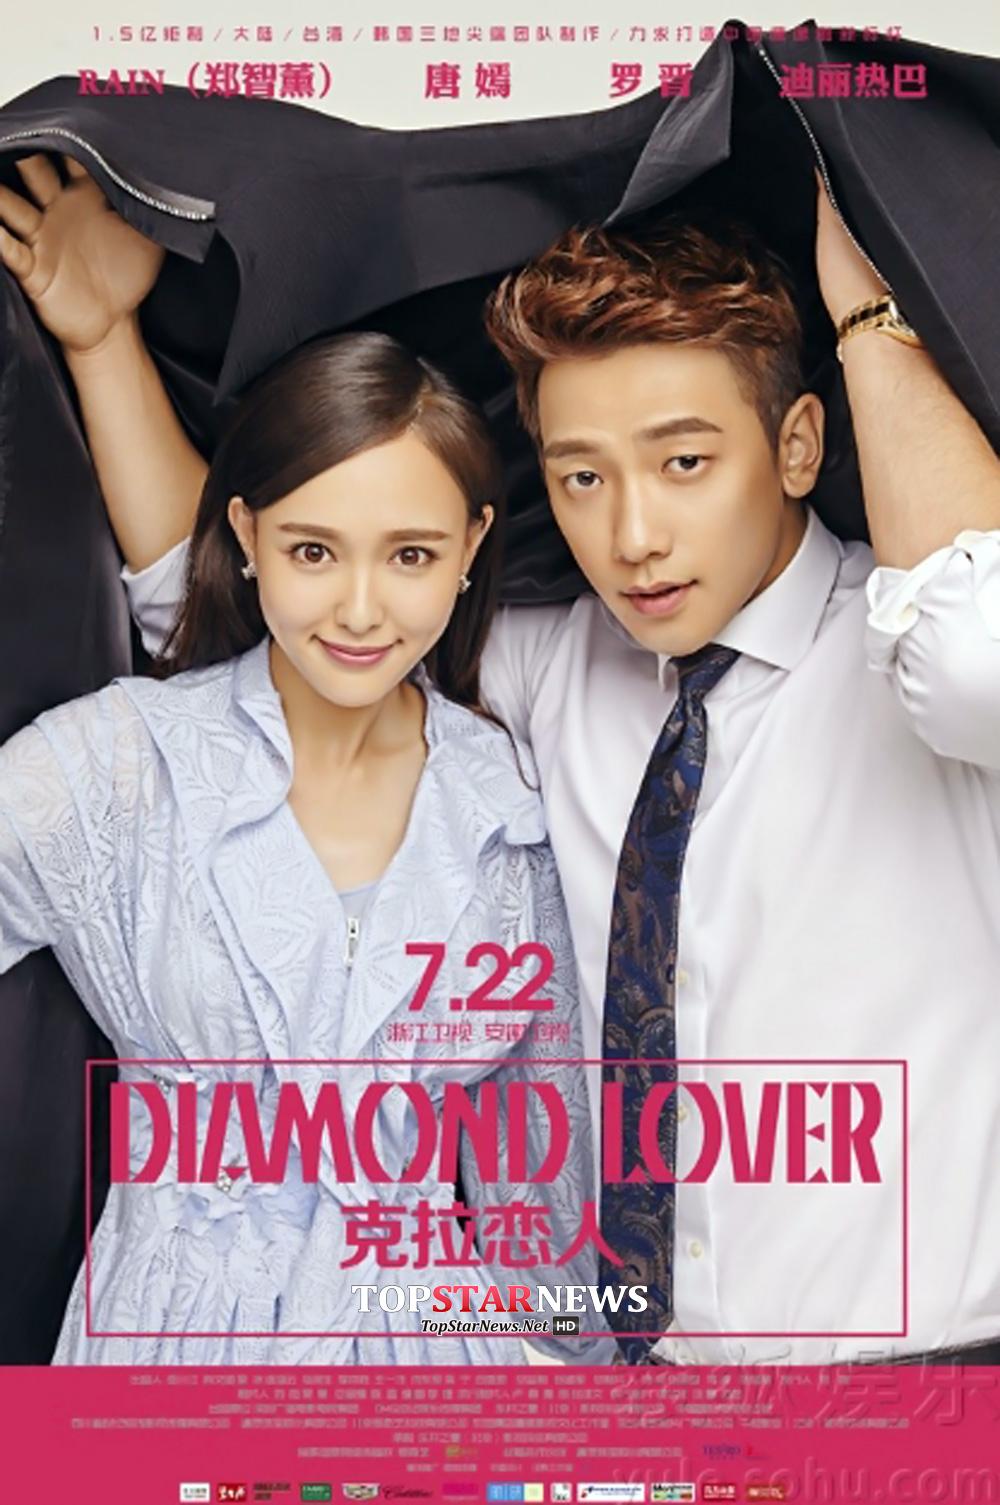 對了~Rain之前也以60億韓元的片酬接拍了中國電視劇《克拉戀人》,並和唐嫣一起出演。